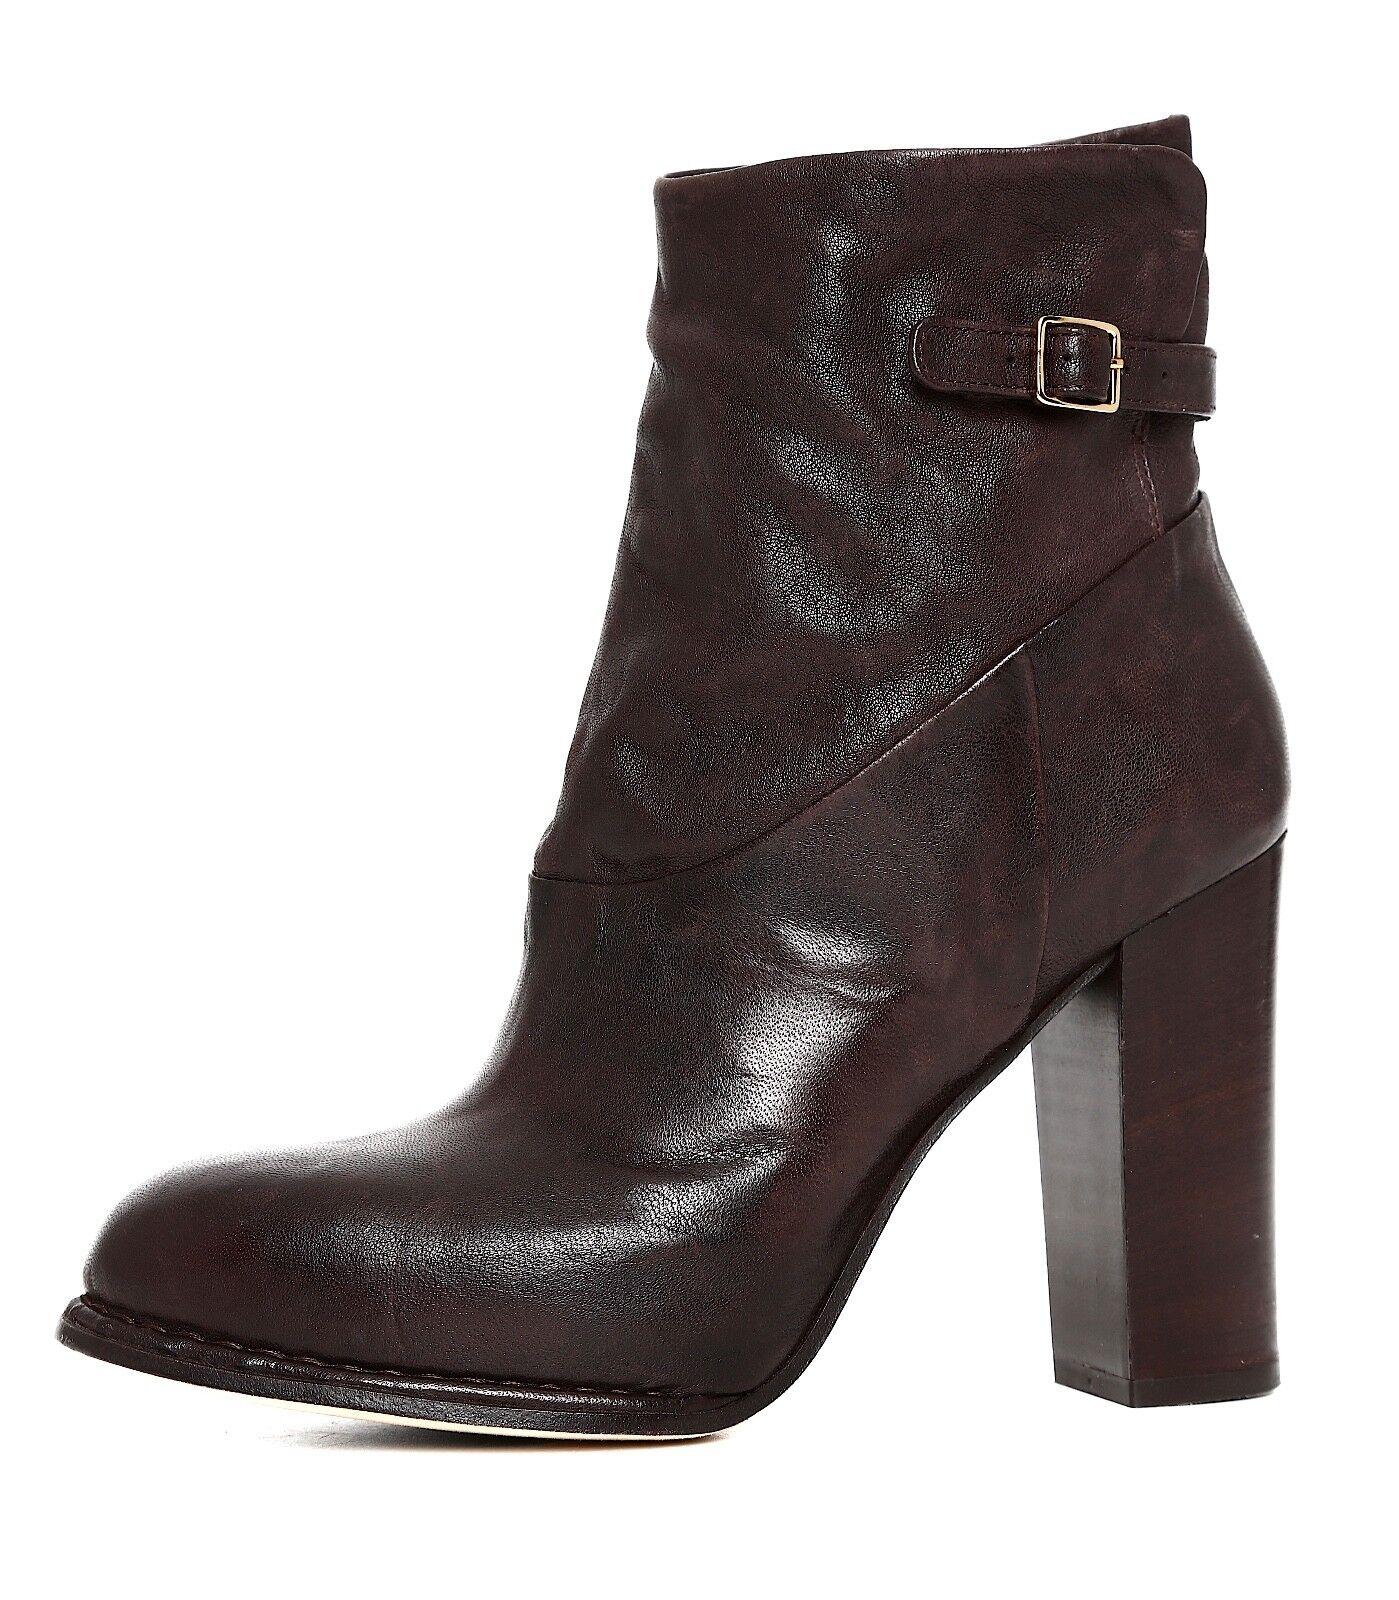 Alberto Fermani Side Zipper Round Toe Leather Bootie Brown Women 38.5 EUR 5998